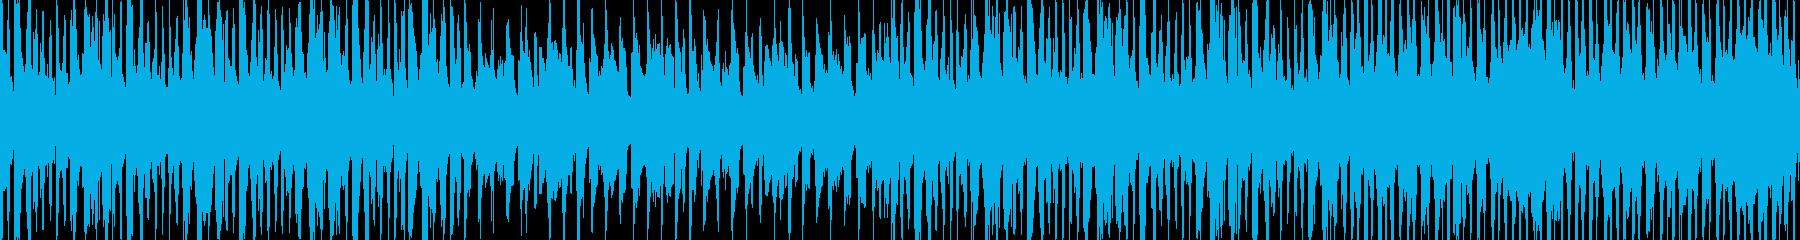 【ループ】カジノ風楽しい怪しげなBGMの再生済みの波形